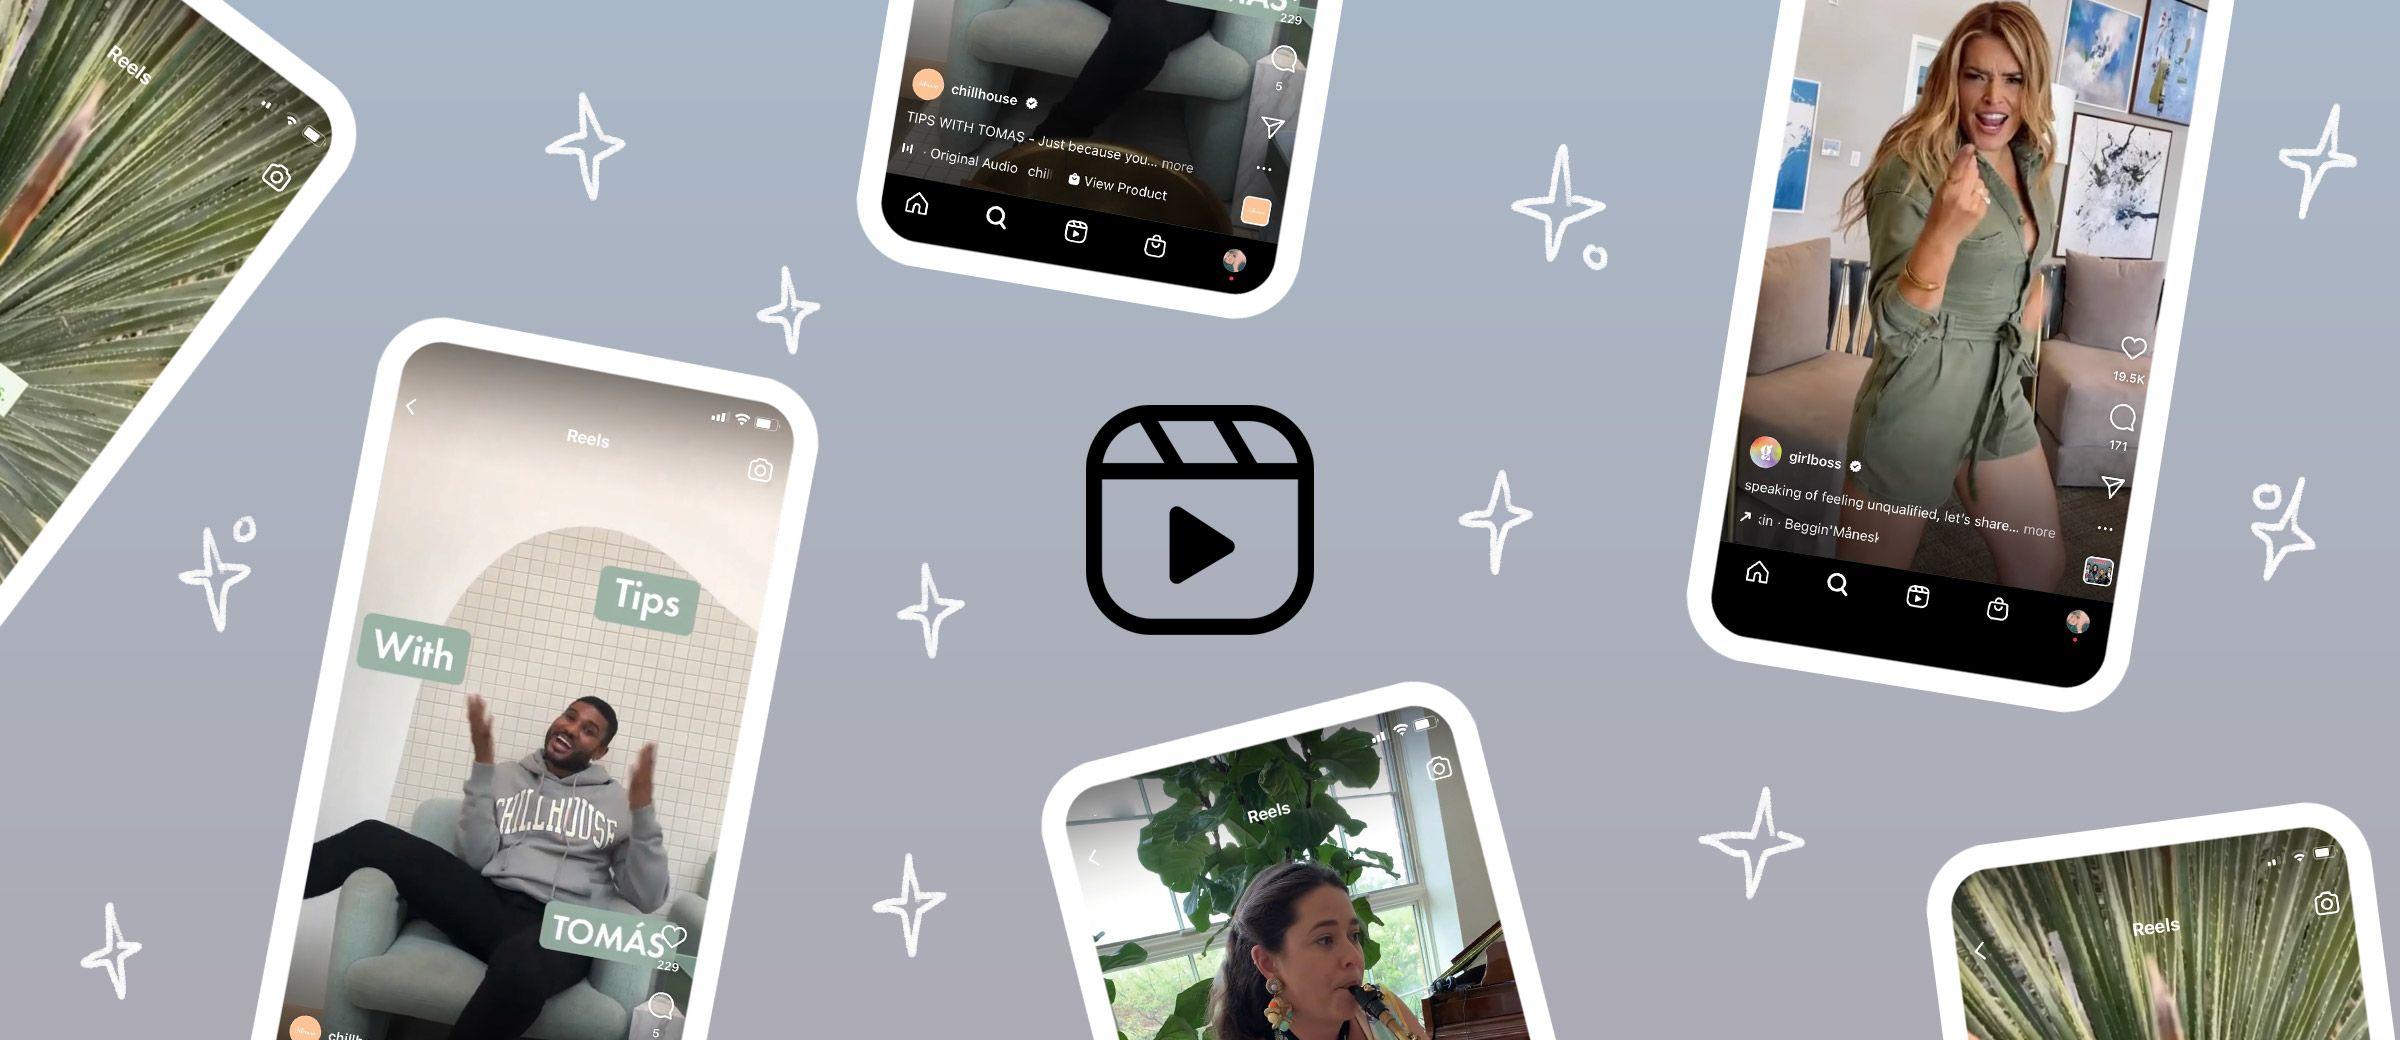 Best Reels on Instagram: How Brands Can Create Engaging Reels